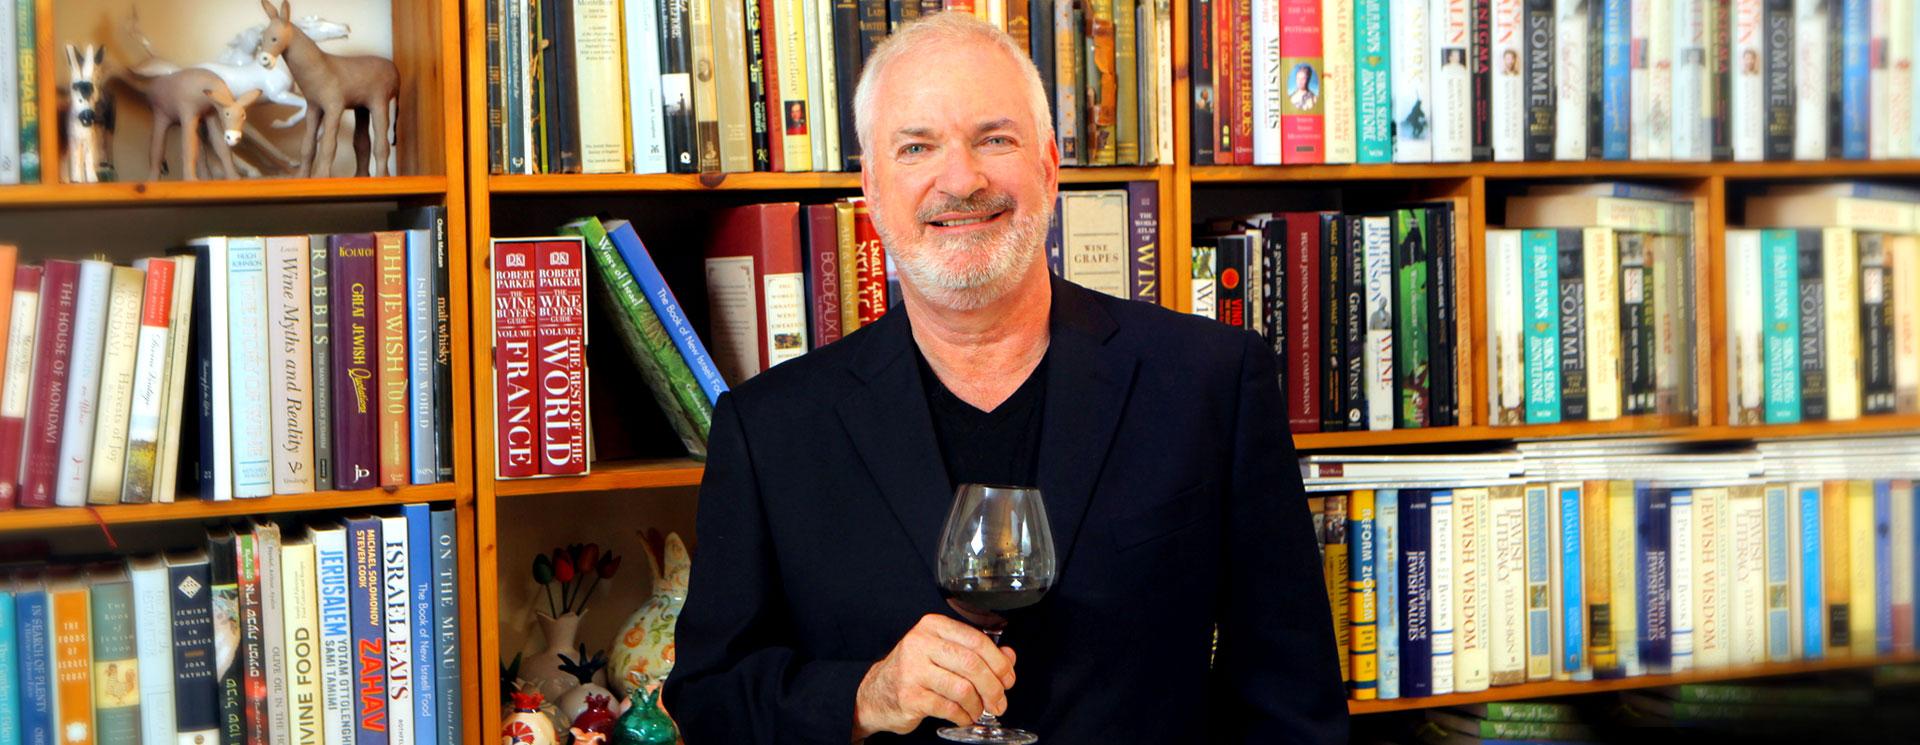 Adam S. Montefiore